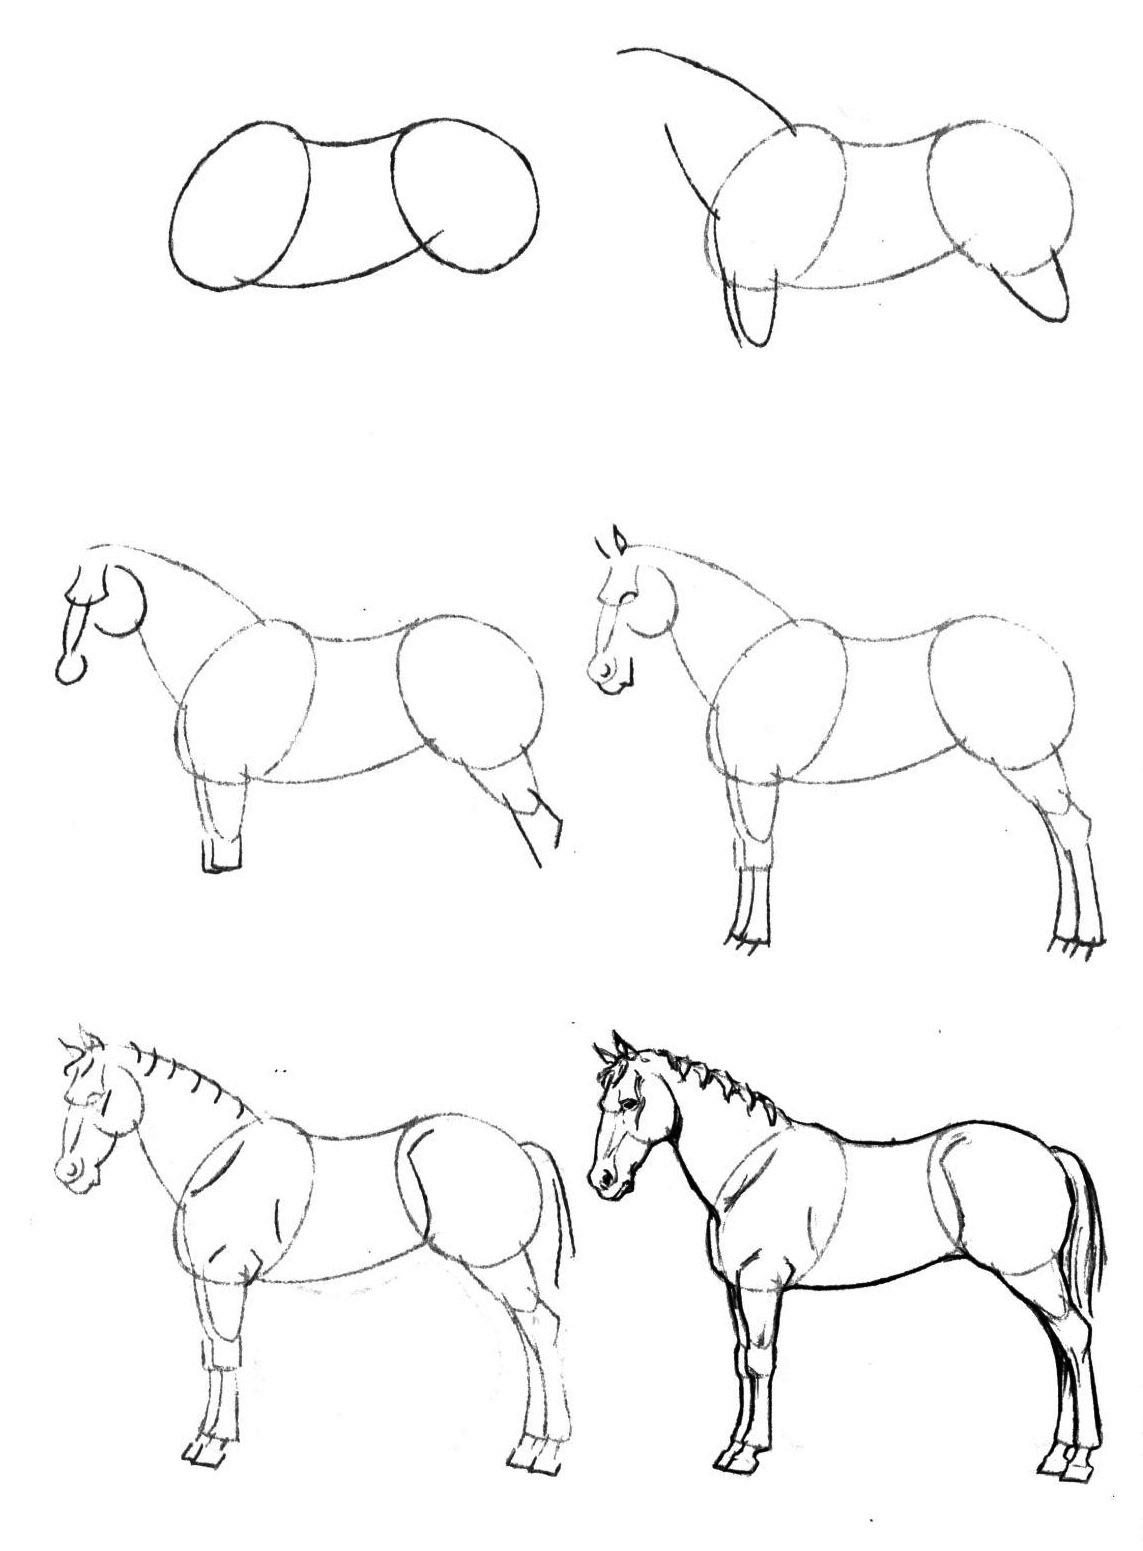 Как нарисовать карандашом поэтапно милую картинку